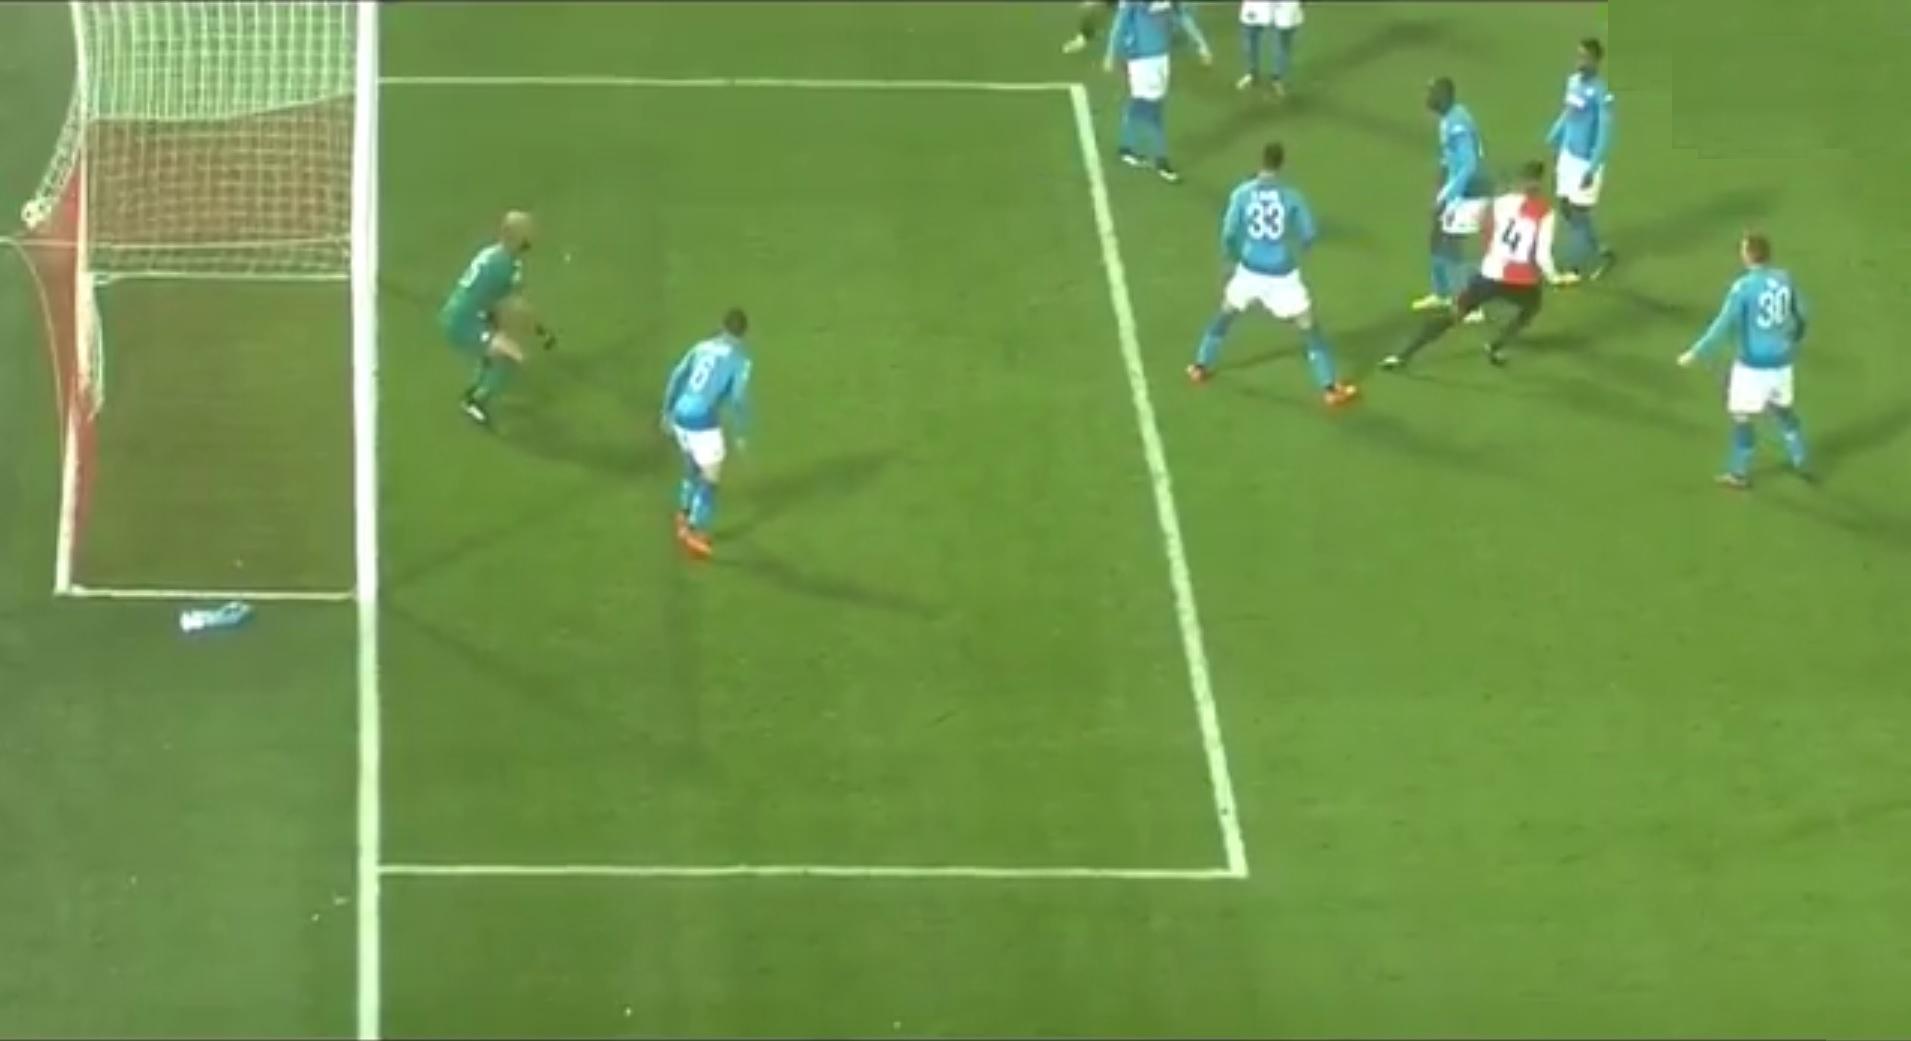 """Napoli flop, perde col Feyenoord e va in Europa League. Sarri: """"Onoreremo il torneo"""""""